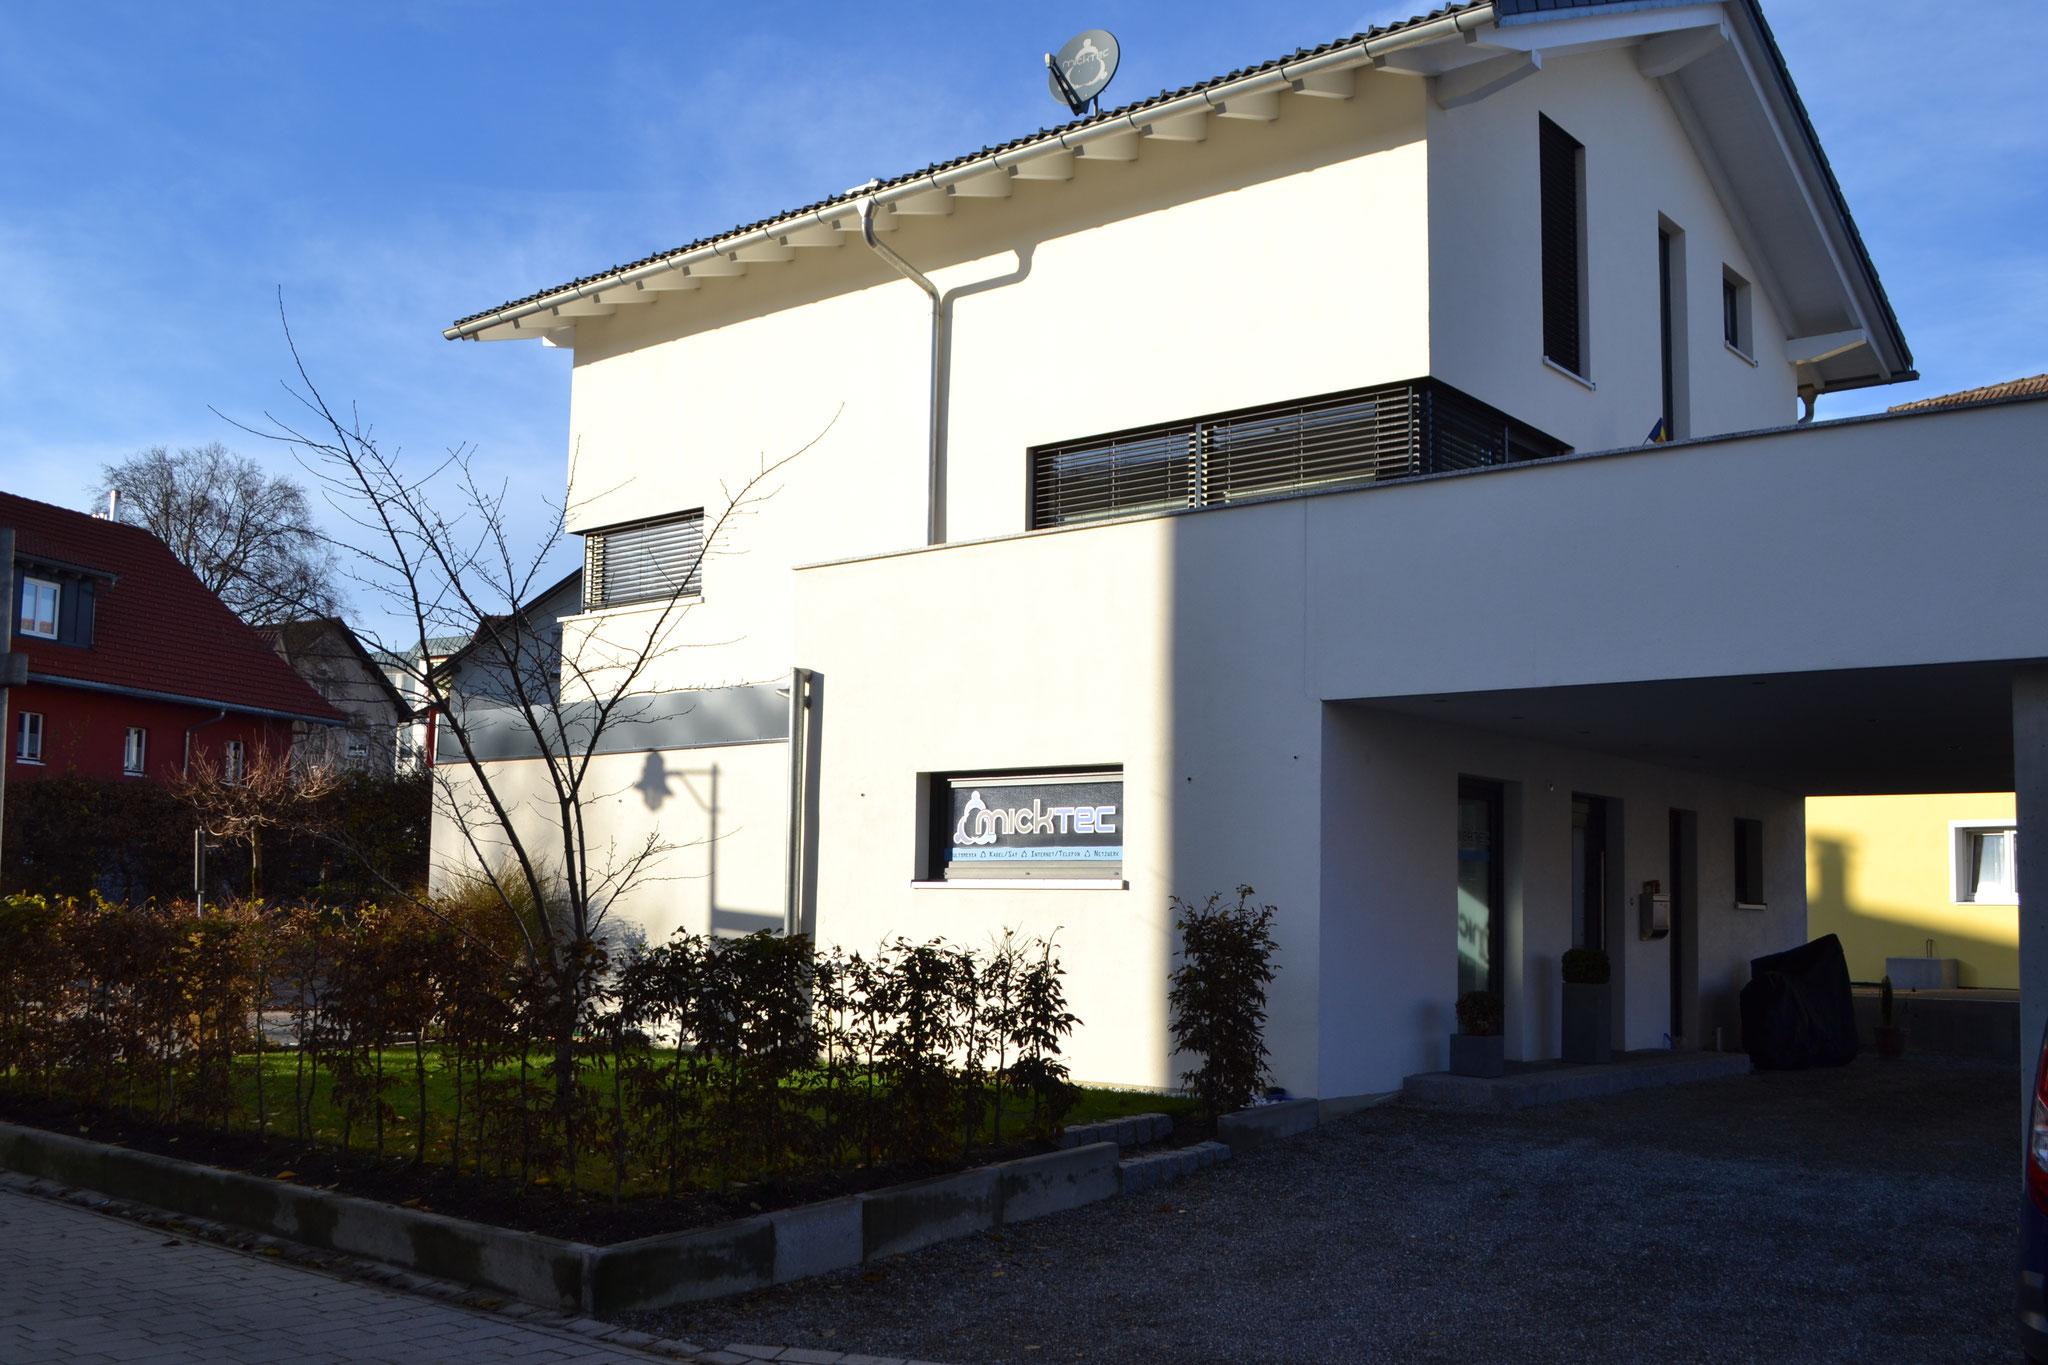 Fertigstellung, Einfamilienhaus mit Geschäftsbereich in Lindenberg